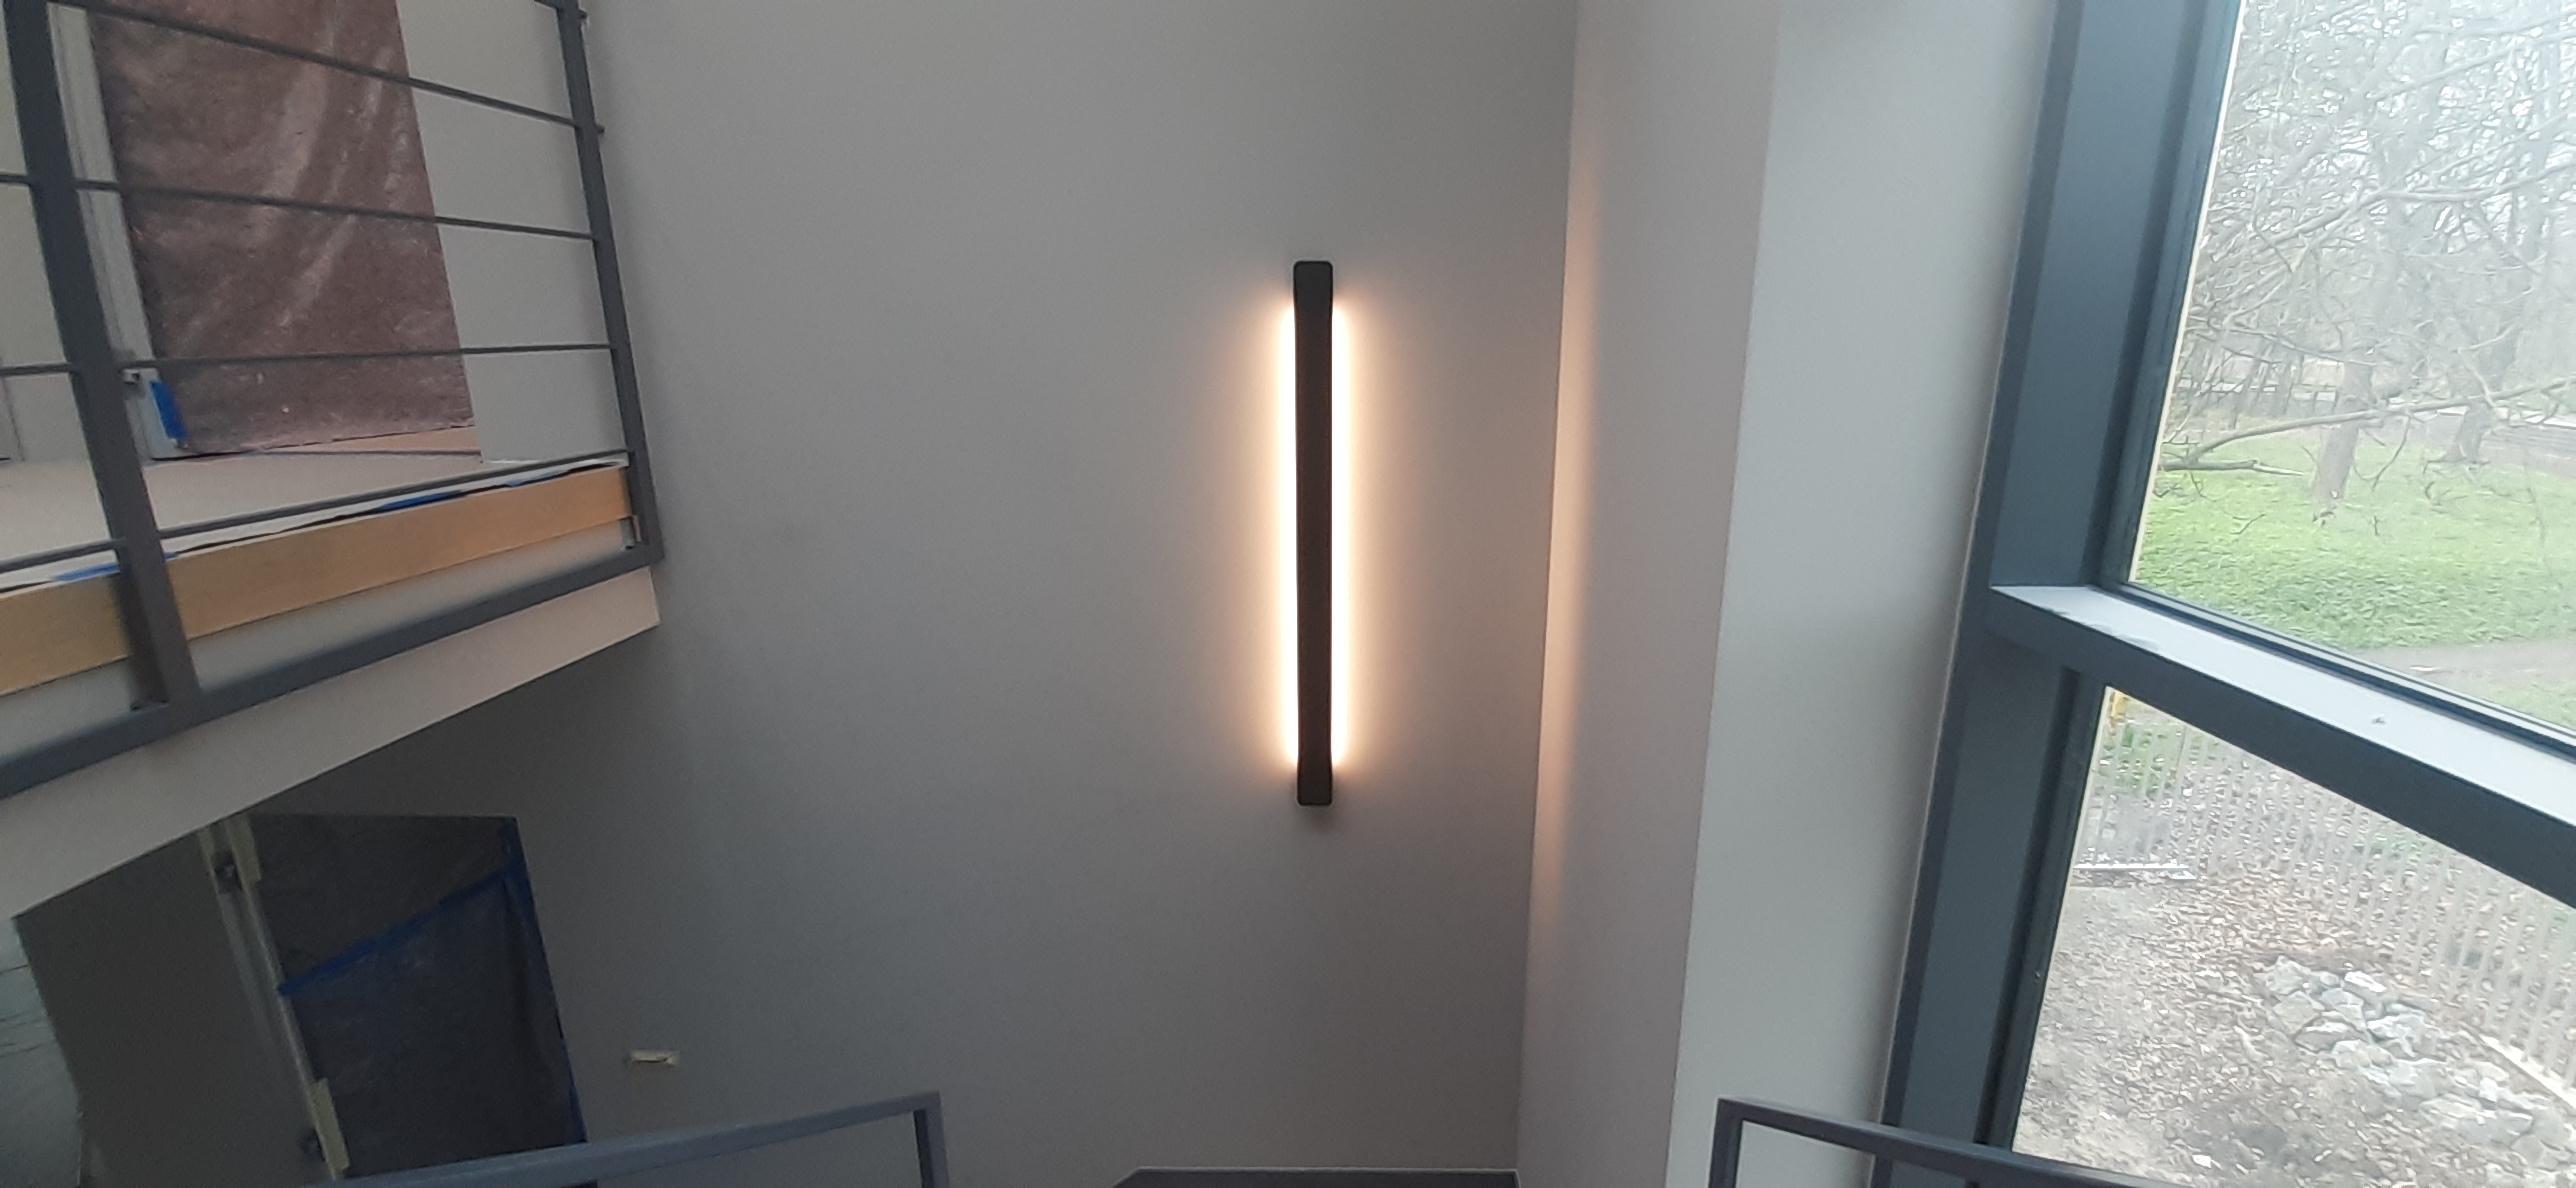 Kinkiet LED